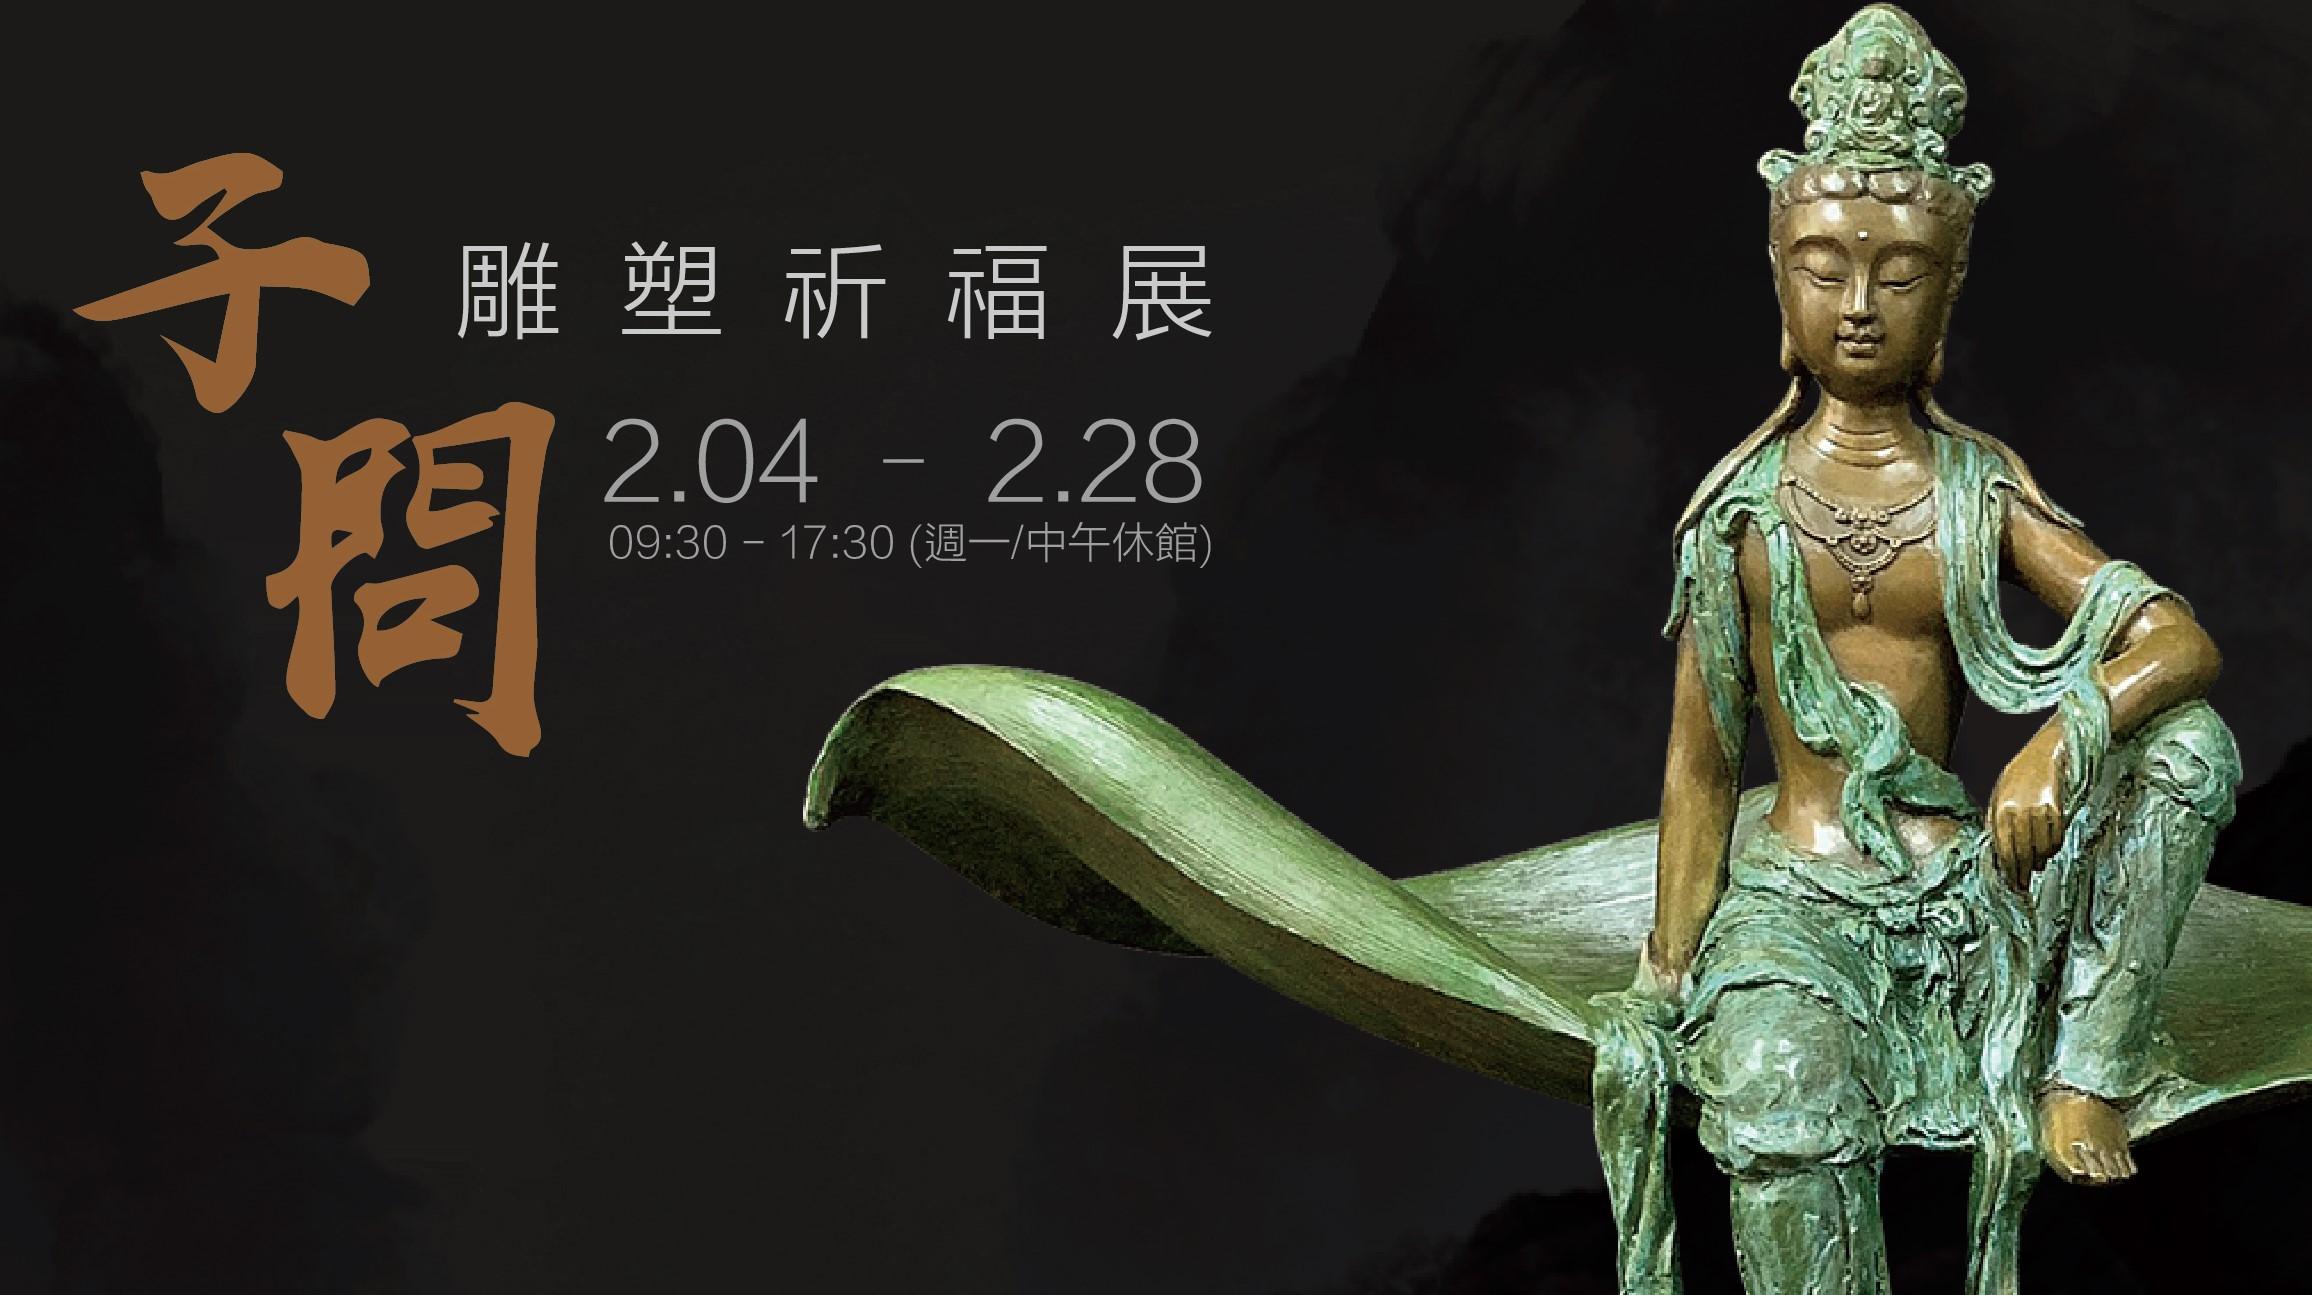 【傳習藝展】子問雕塑祈福展